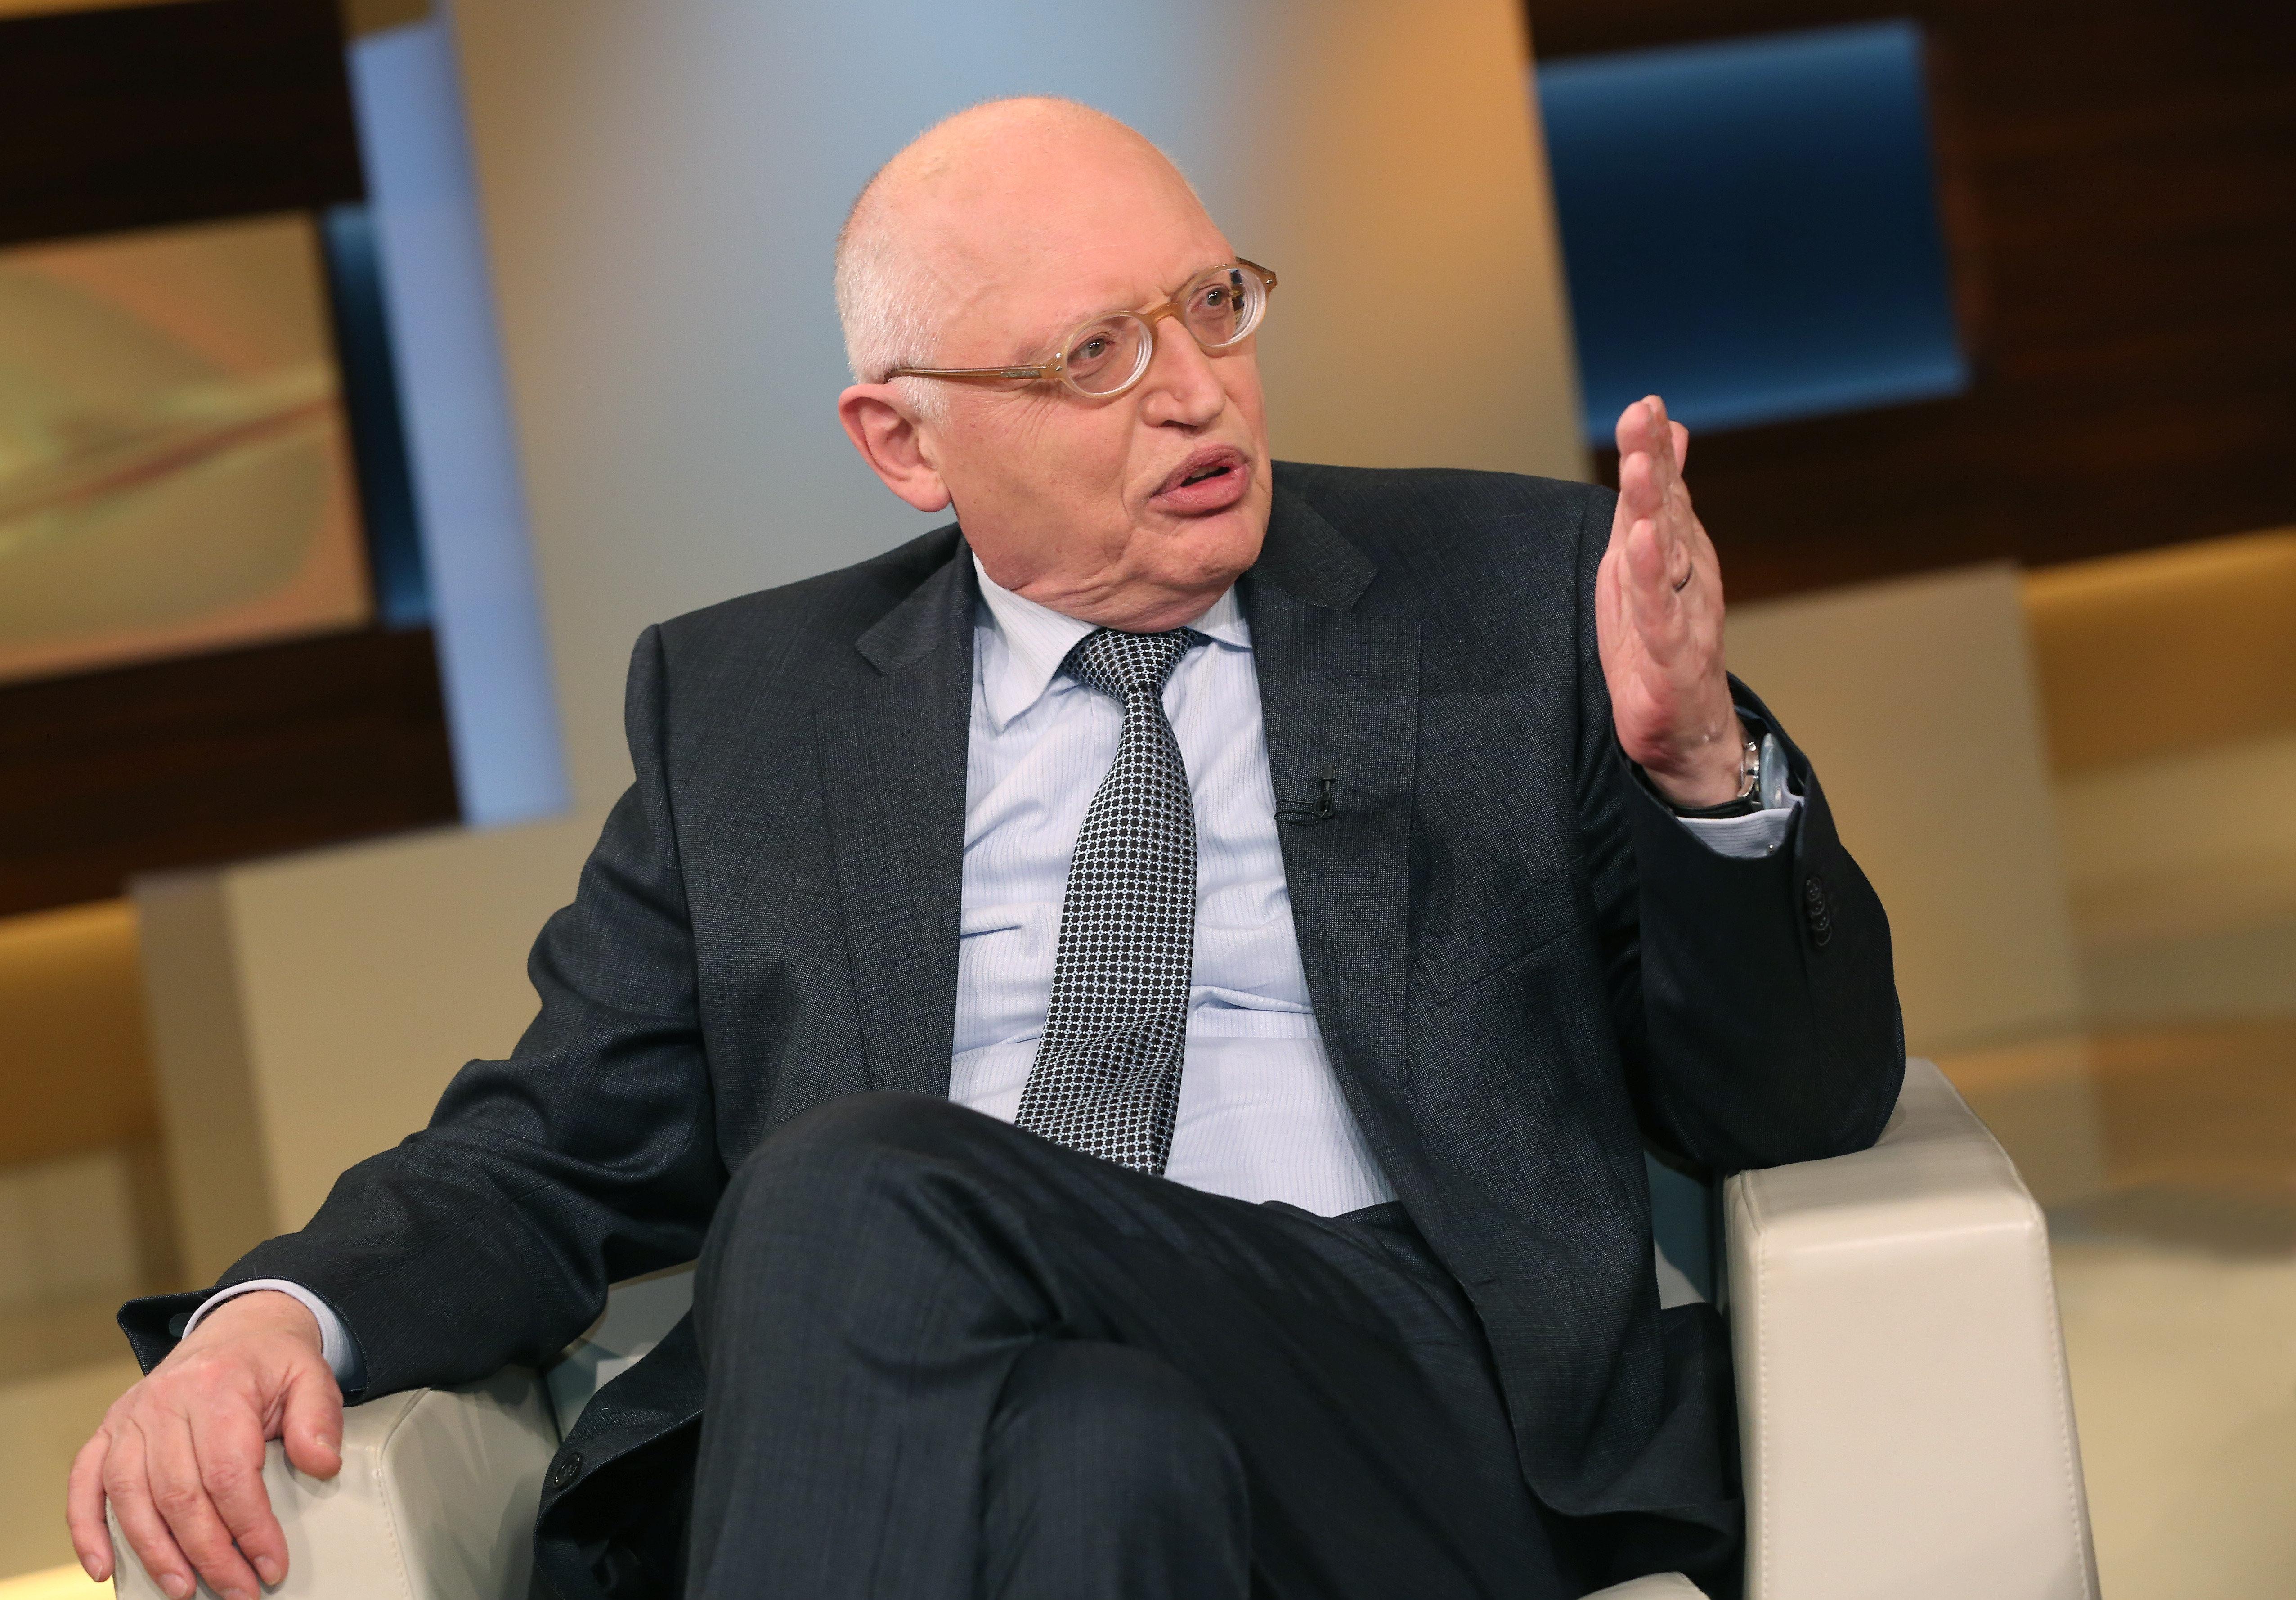 Günter Verheugen, der SPD-Politiker war Vize-Kommissionspräsident und EU-Kommissar für Unternehmen und Industrie.